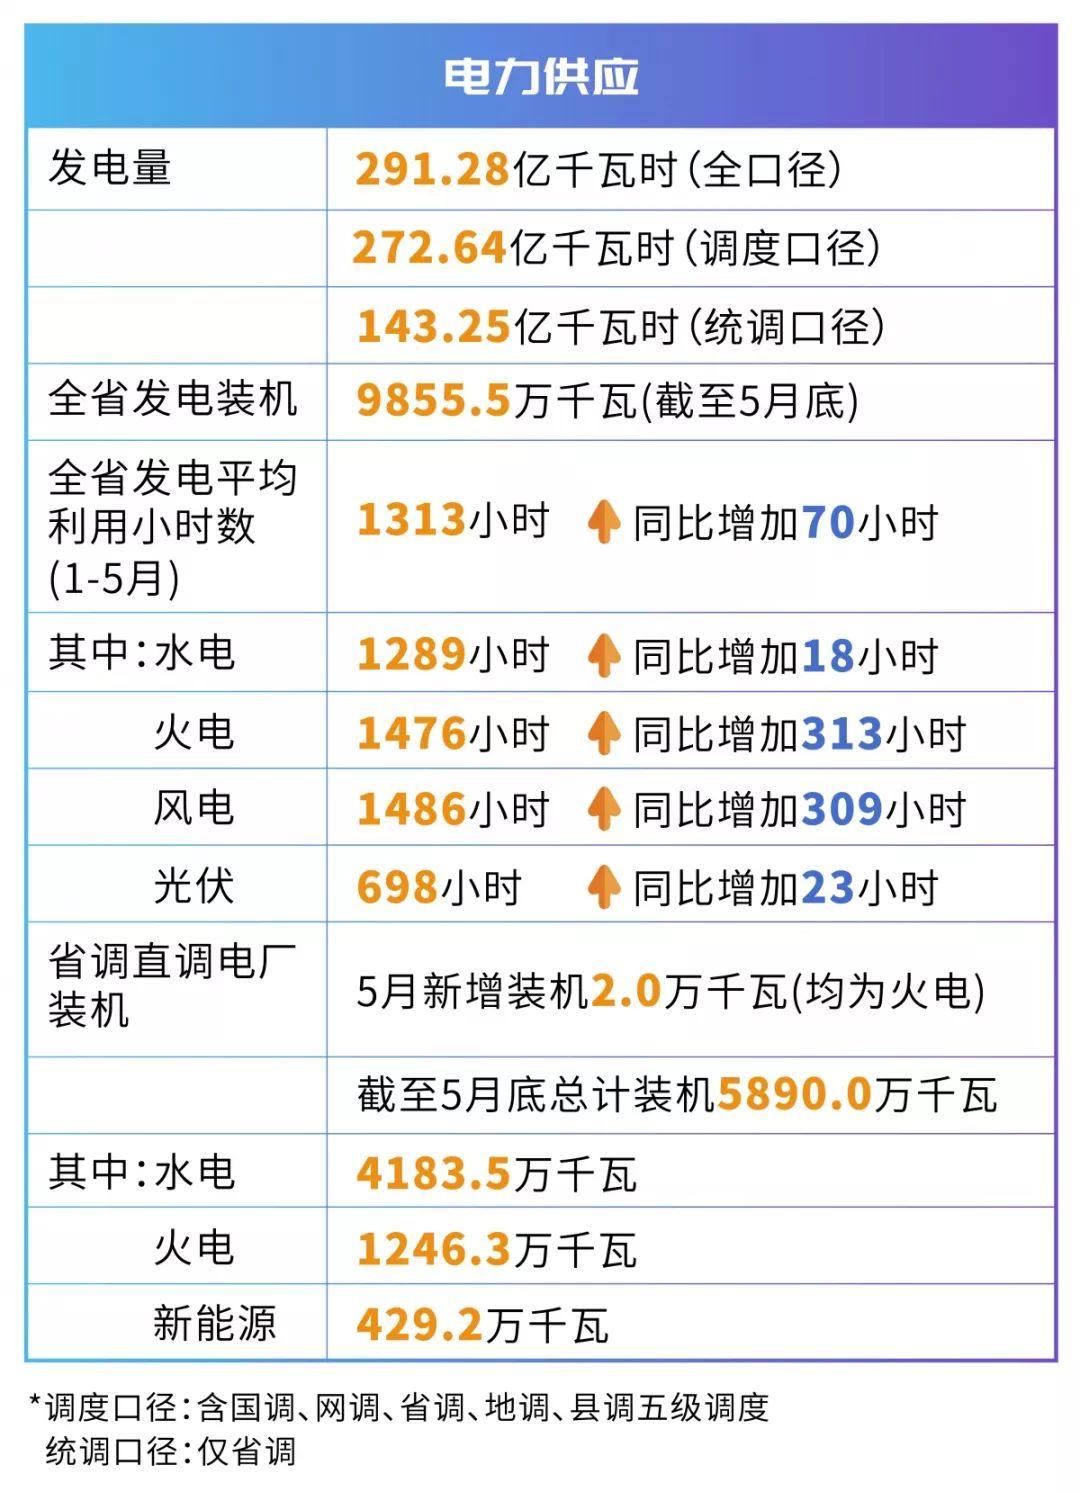 四川电网2019年电网和市场运行5月执行信息披露:全社会用电量206.34亿千瓦时